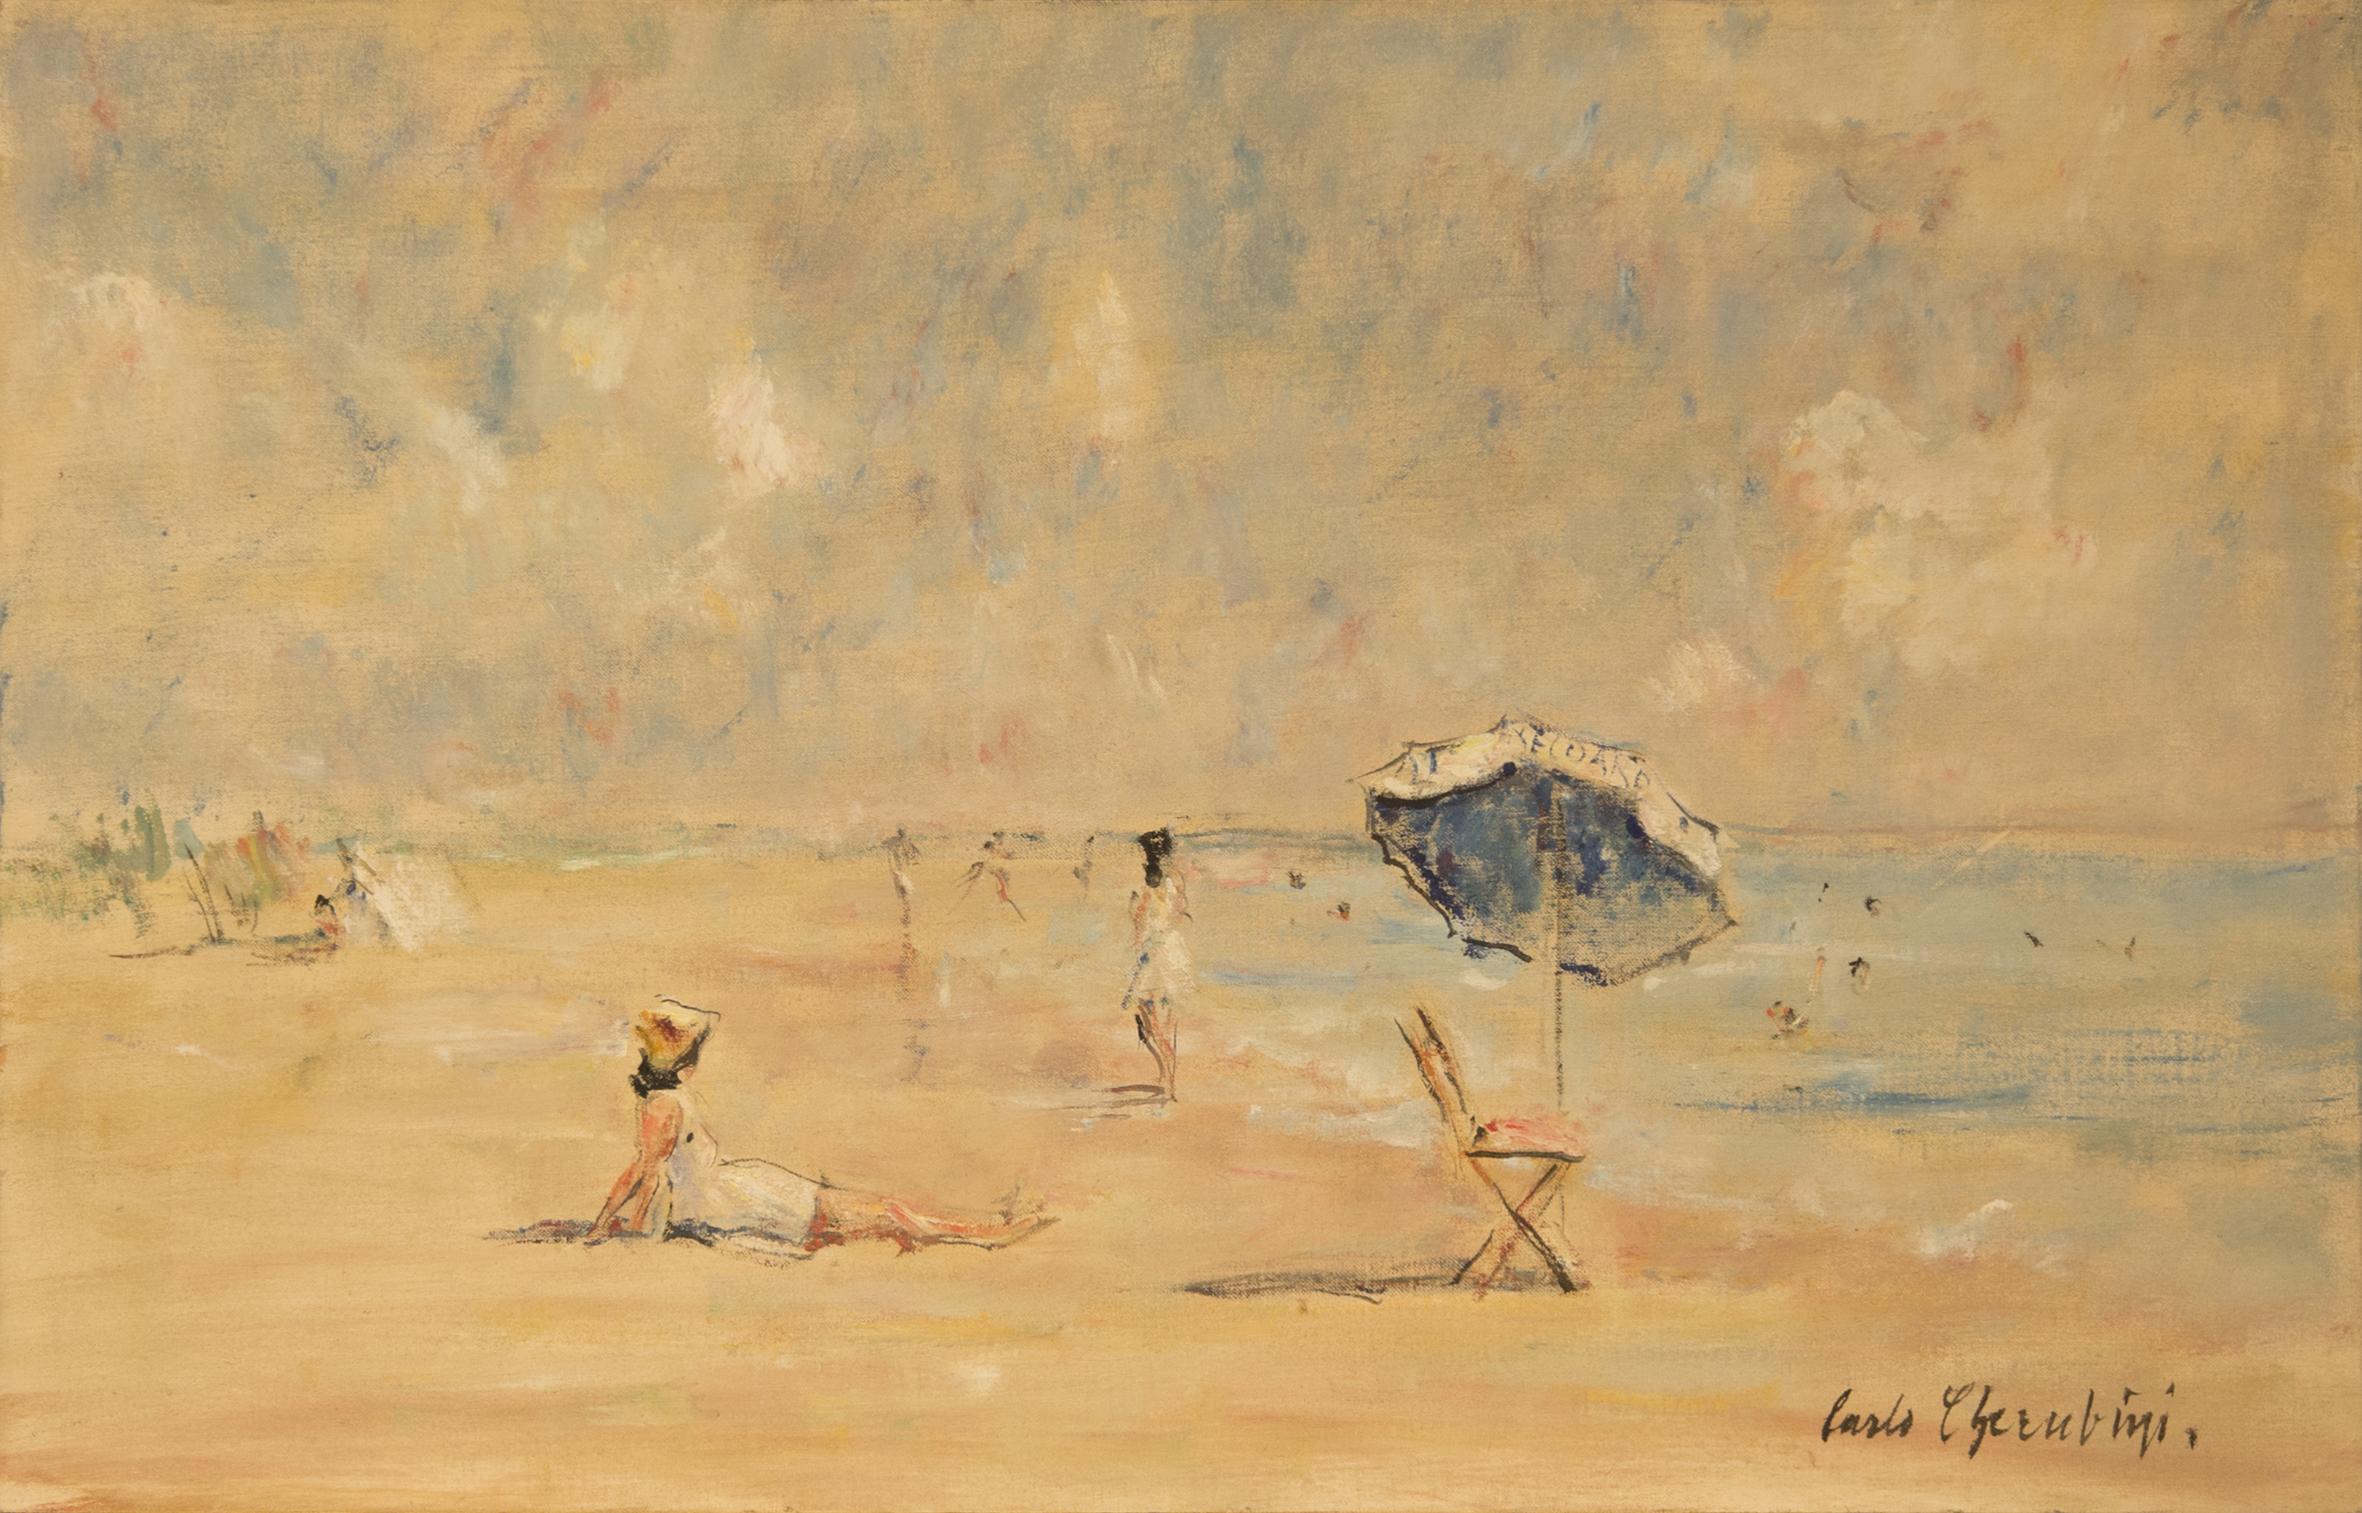 73. Carlo Cherubini, Spiaggia del lido, olio su tela cm45x70, Collezione privata